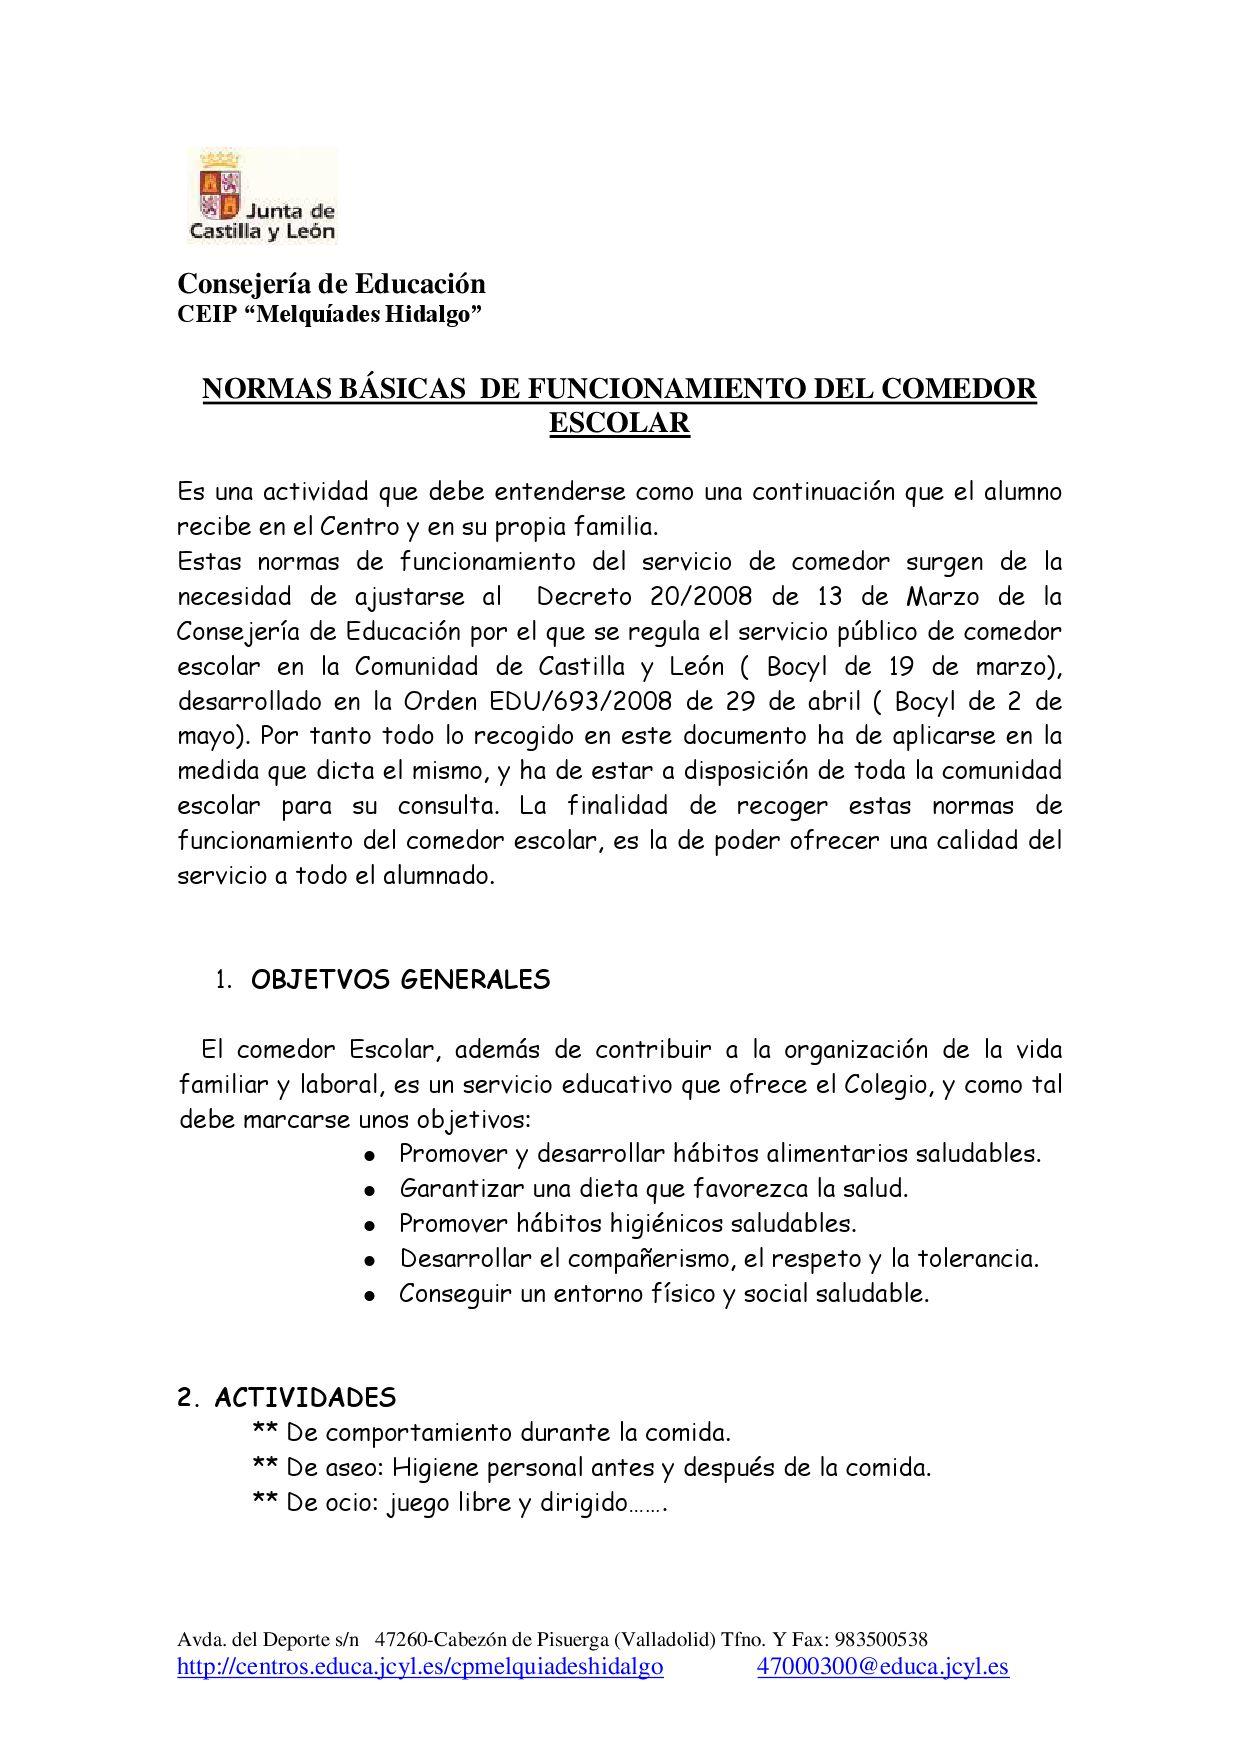 Normas b sicas del comedor escolar by miguel rodriguez issuu for Normas para el comedor escolar